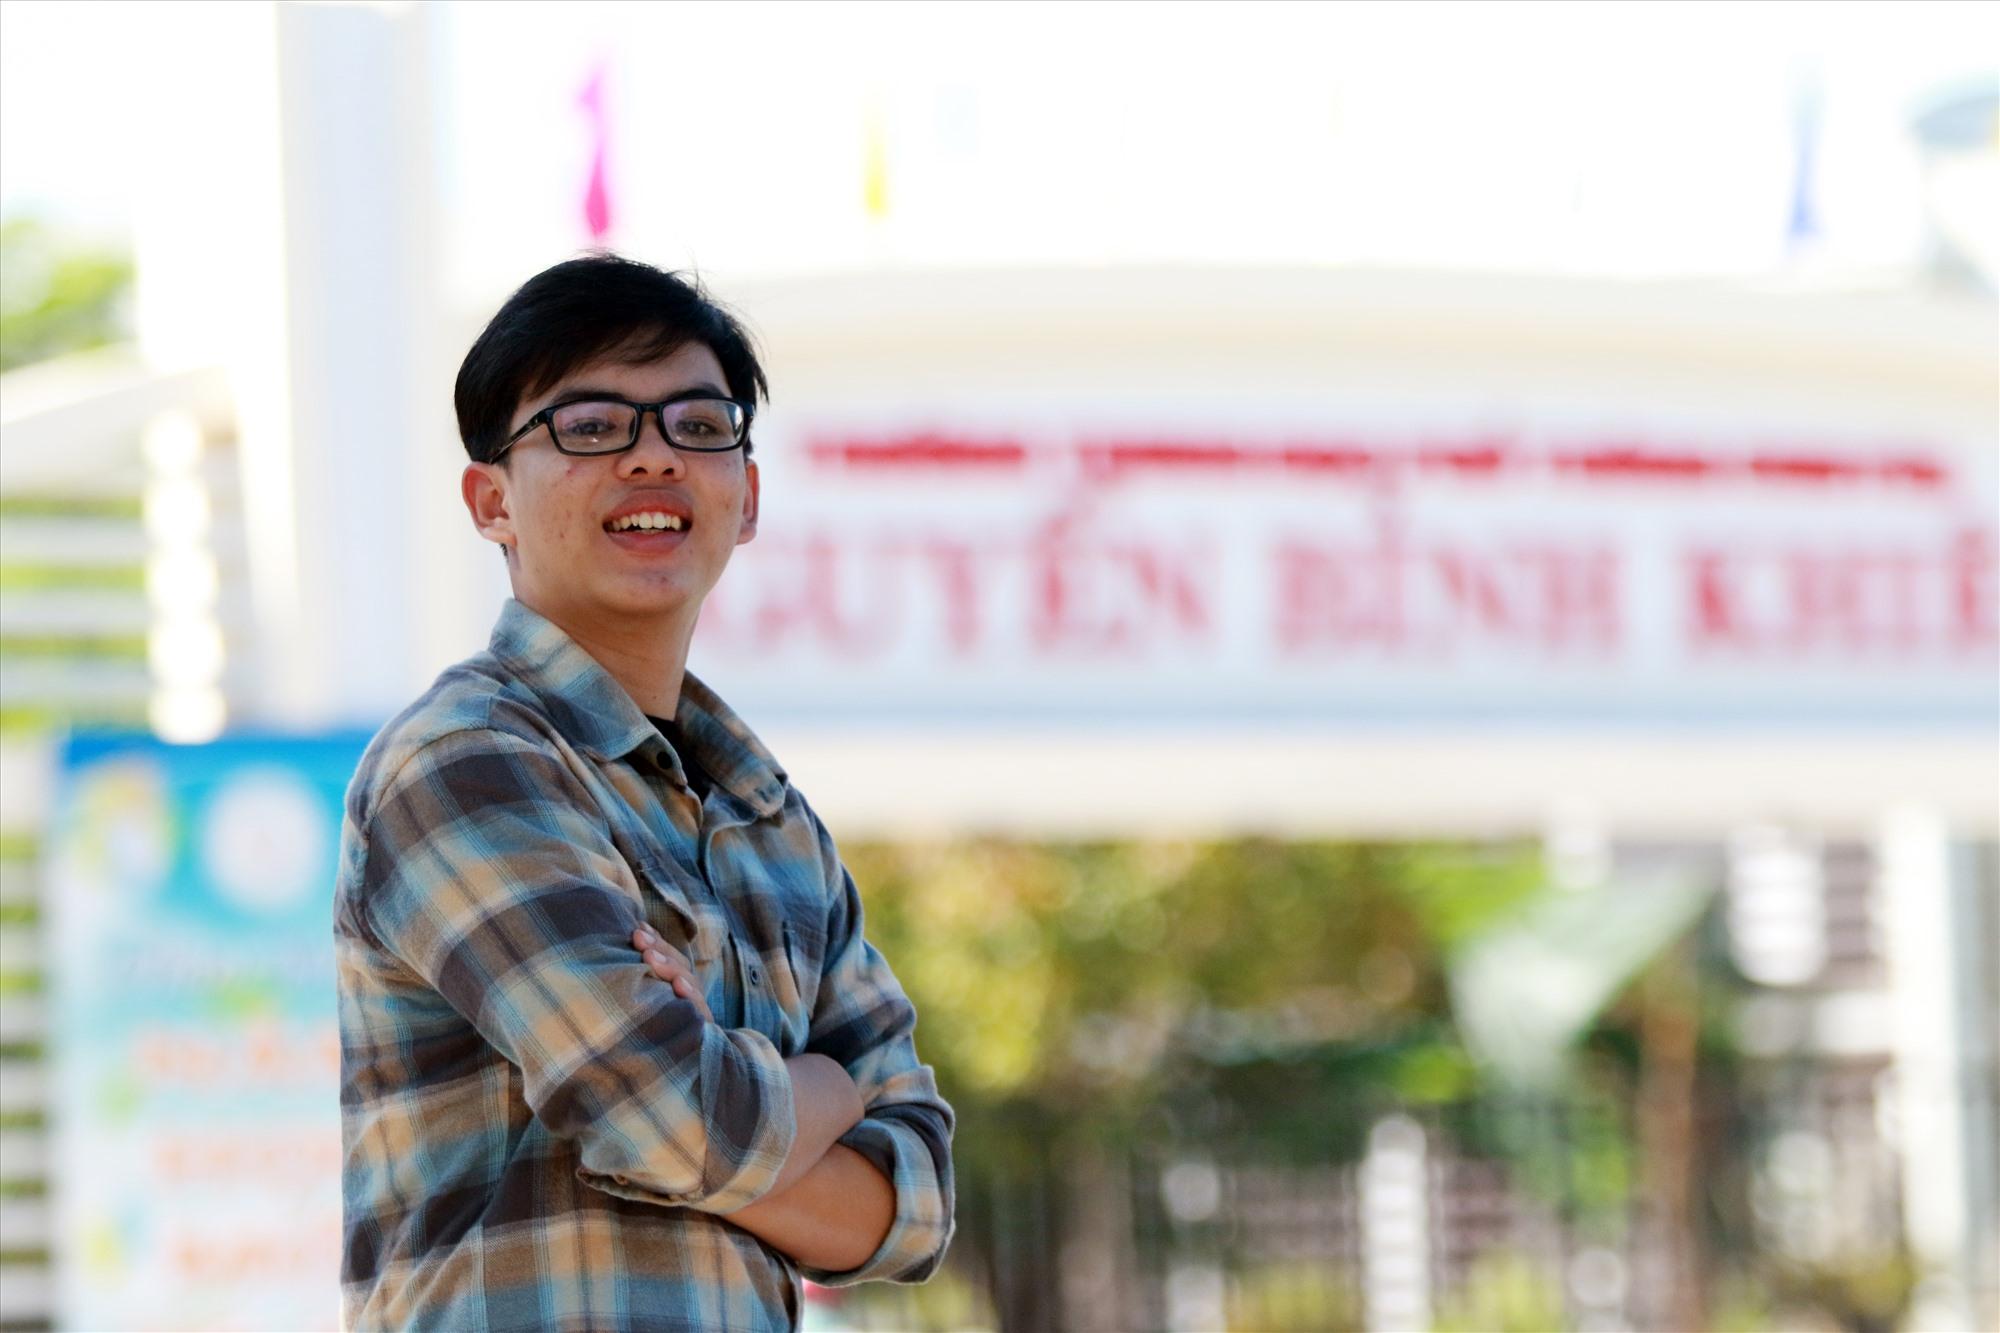 Gia Huy vừa sở hữu thành tích ấn tượng ở bộ môn Tin học, vừa là một thủ lĩnh đoàn năng nổ ở trường. Ảnh: T.C